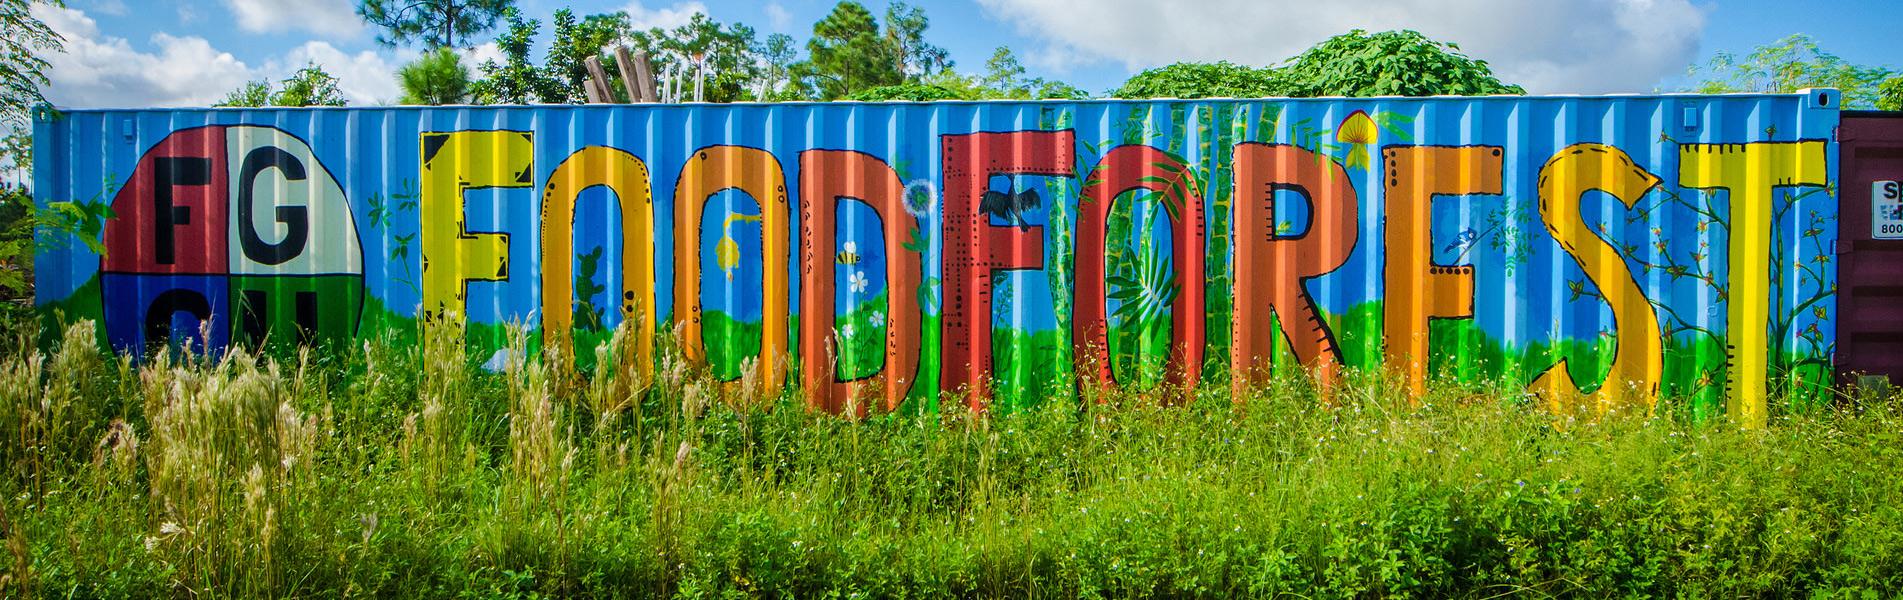 FGCU Food Forest